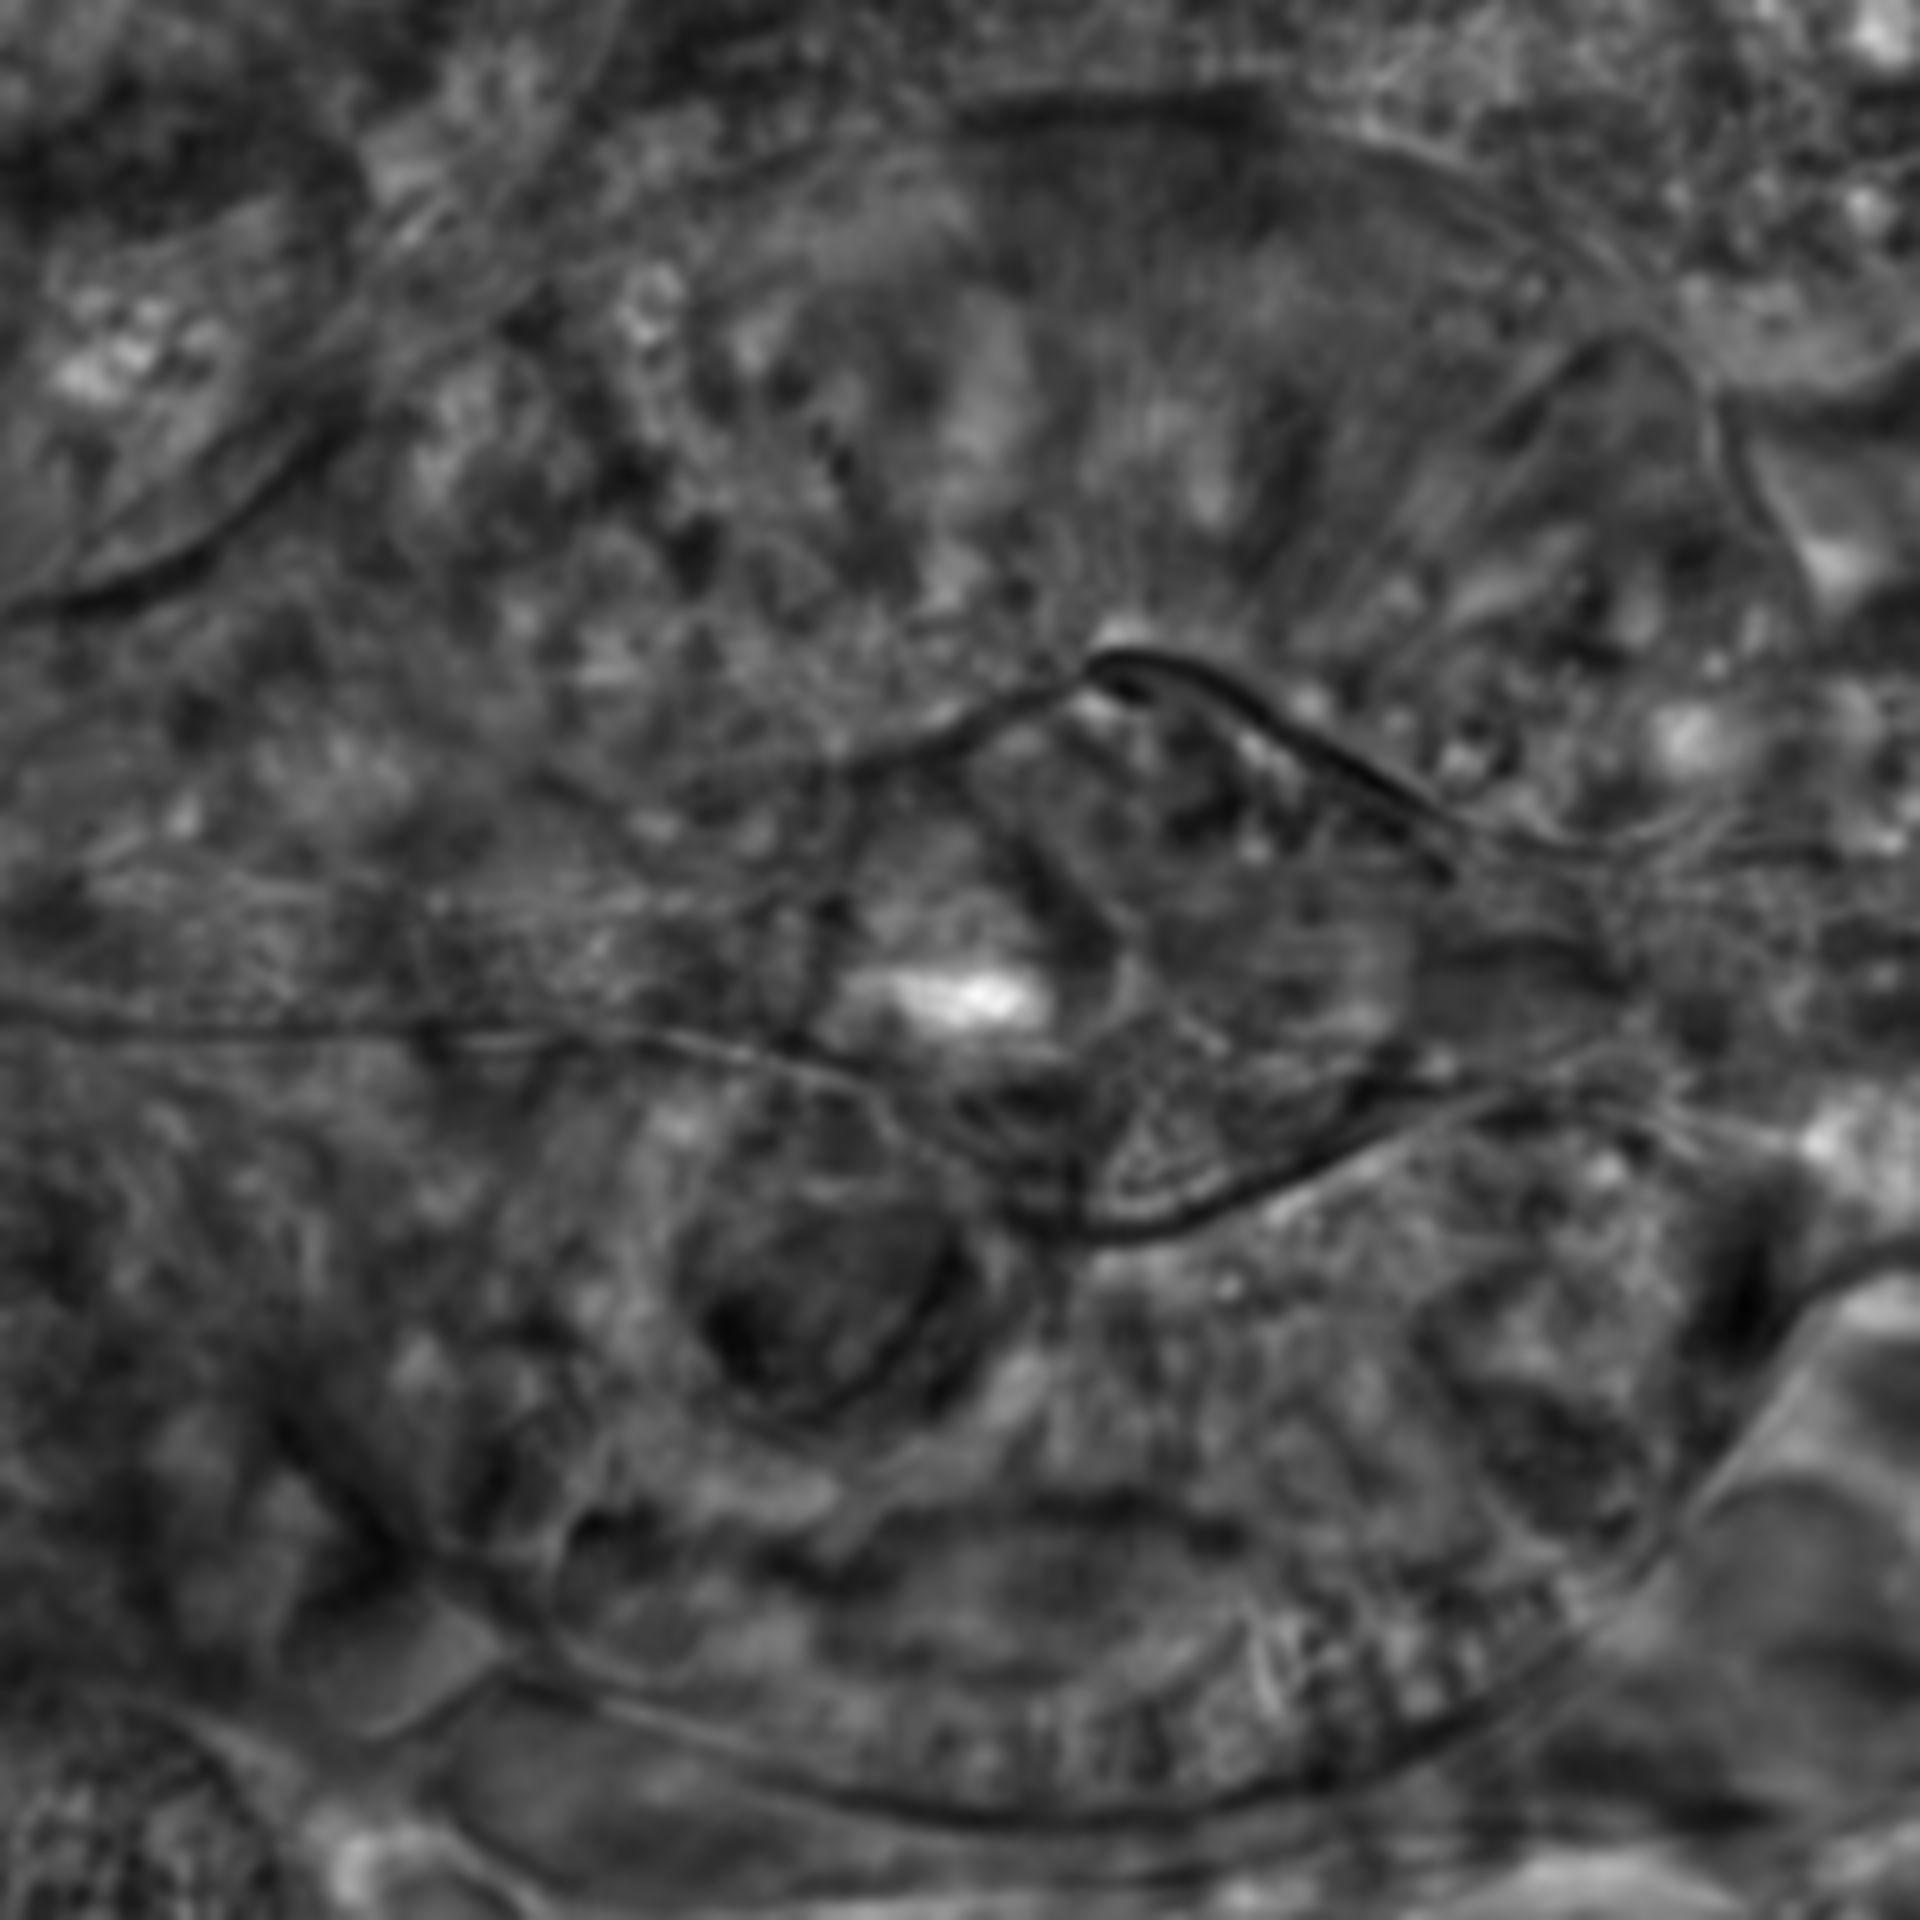 Caenorhabditis elegans - CIL:2645